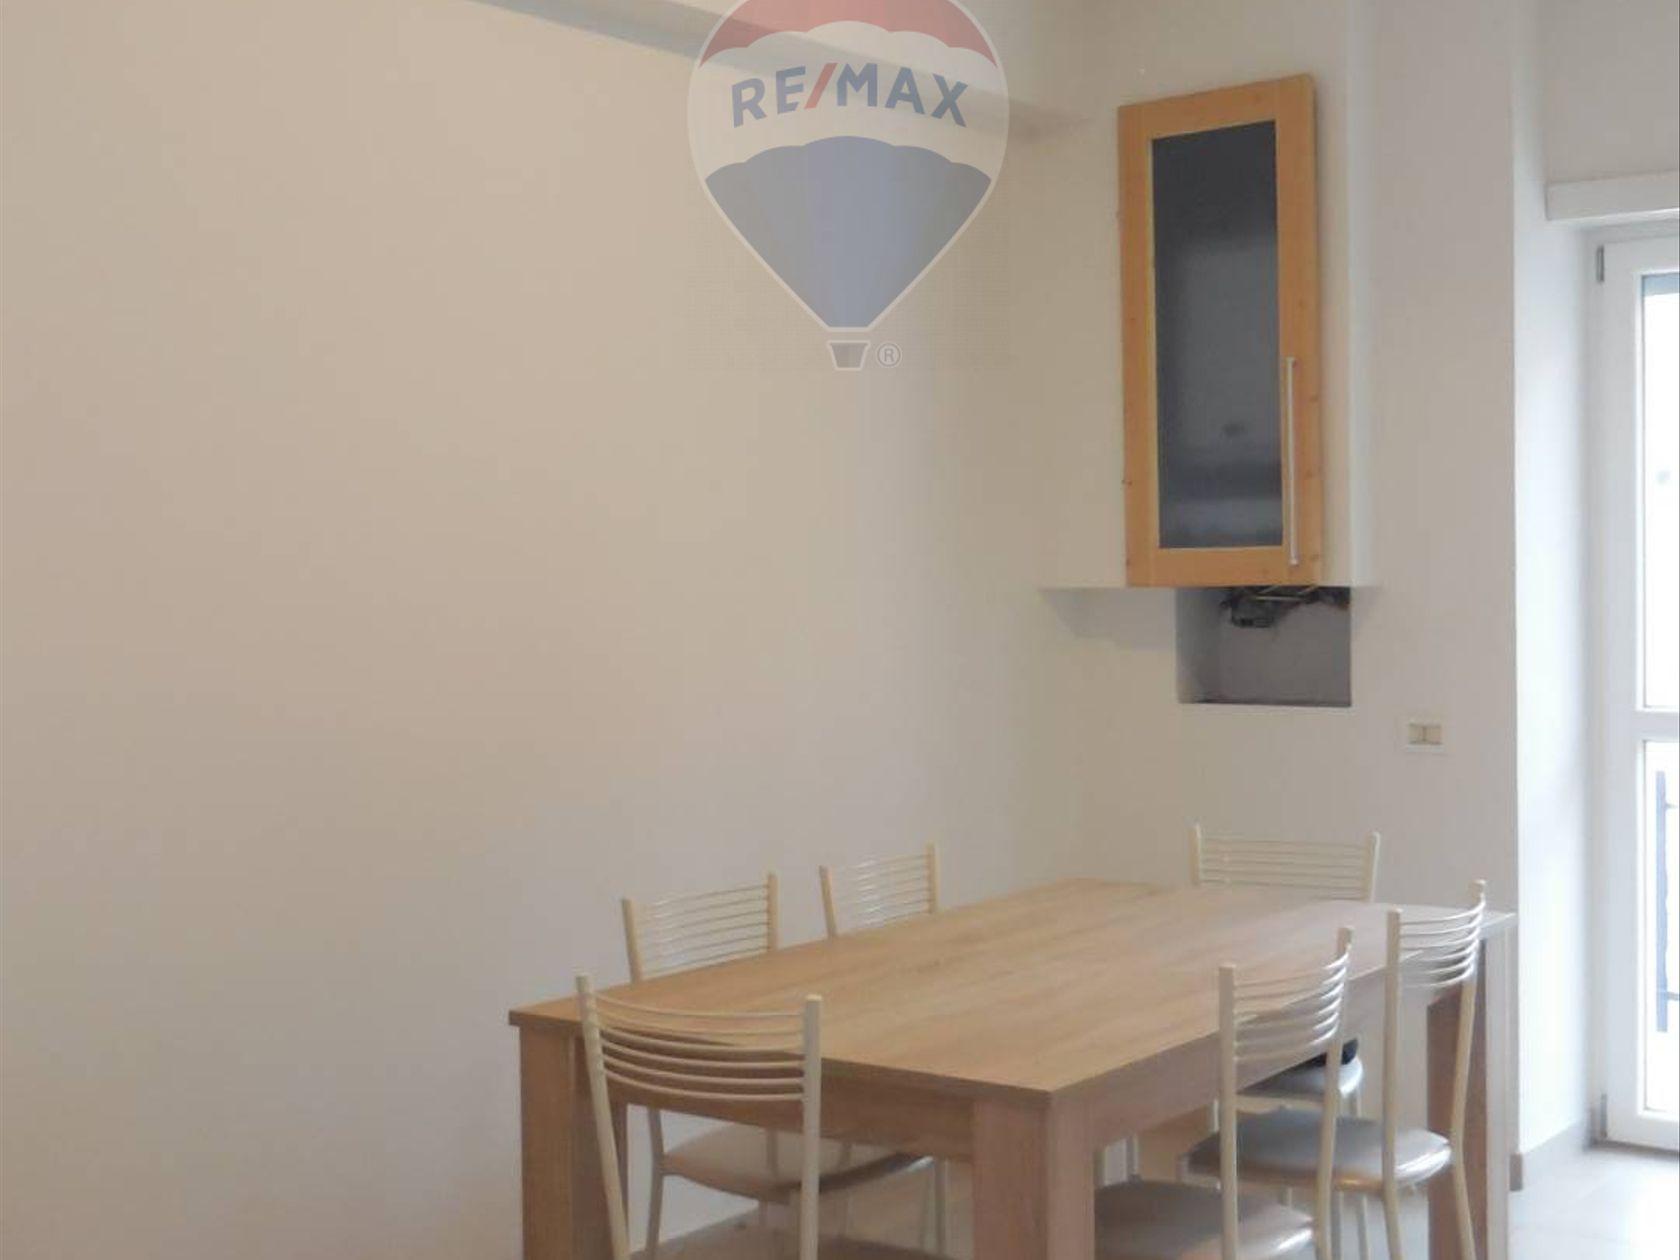 Appartamento L'Aquila, AQ Vendita - Foto 10